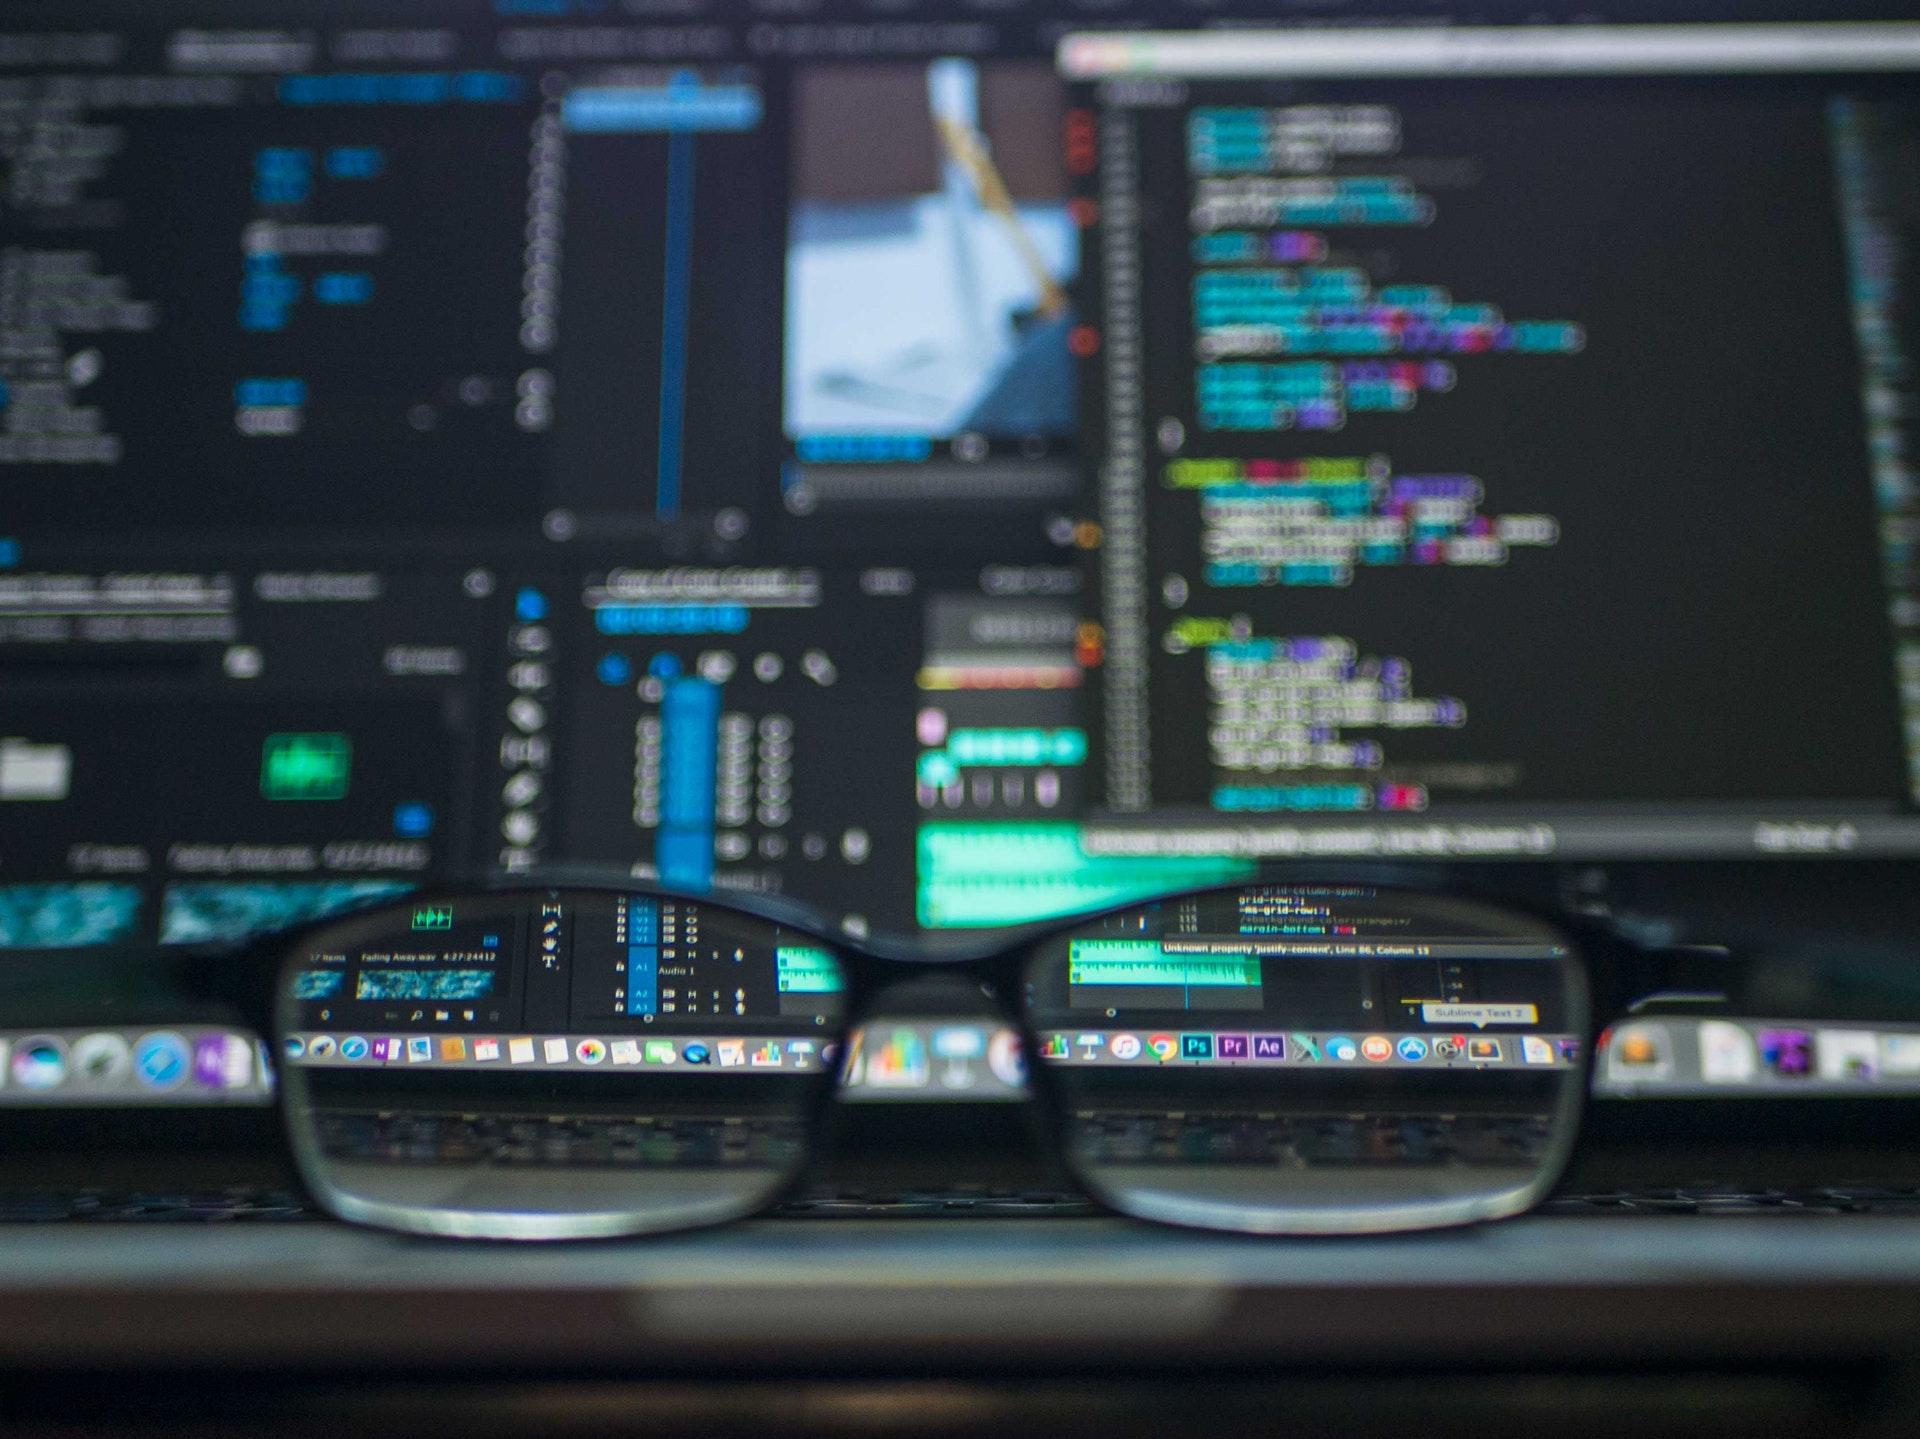 Seitenbild - Datenschutz, DSGVO, General Data Protection Regulation